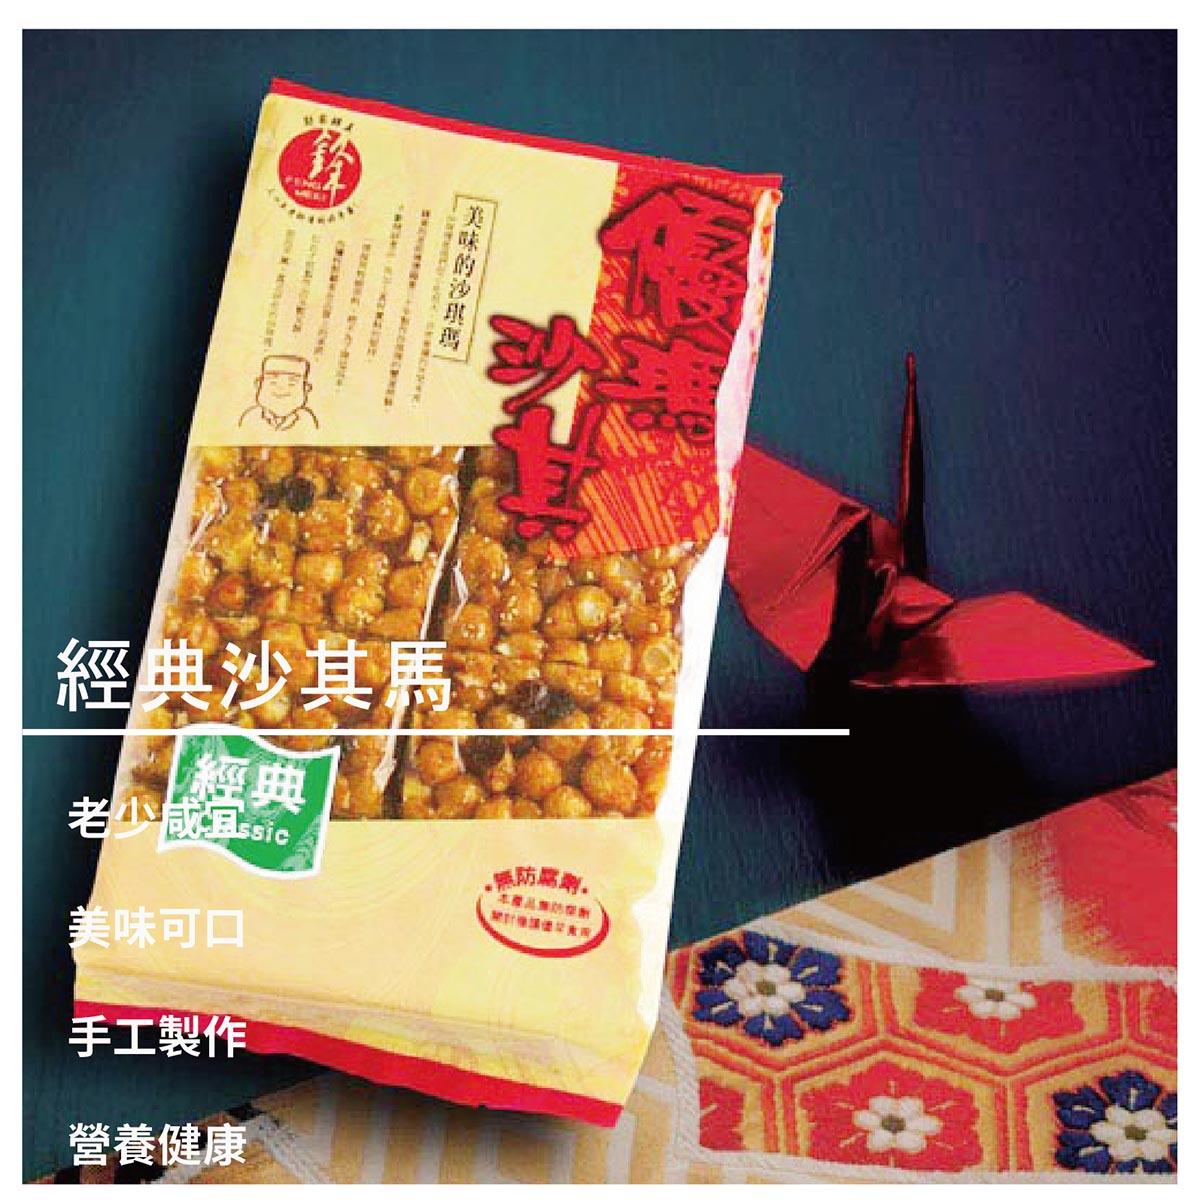 【鋒美食品】經典沙其馬/沙其瑪/沙琪瑪10入裝